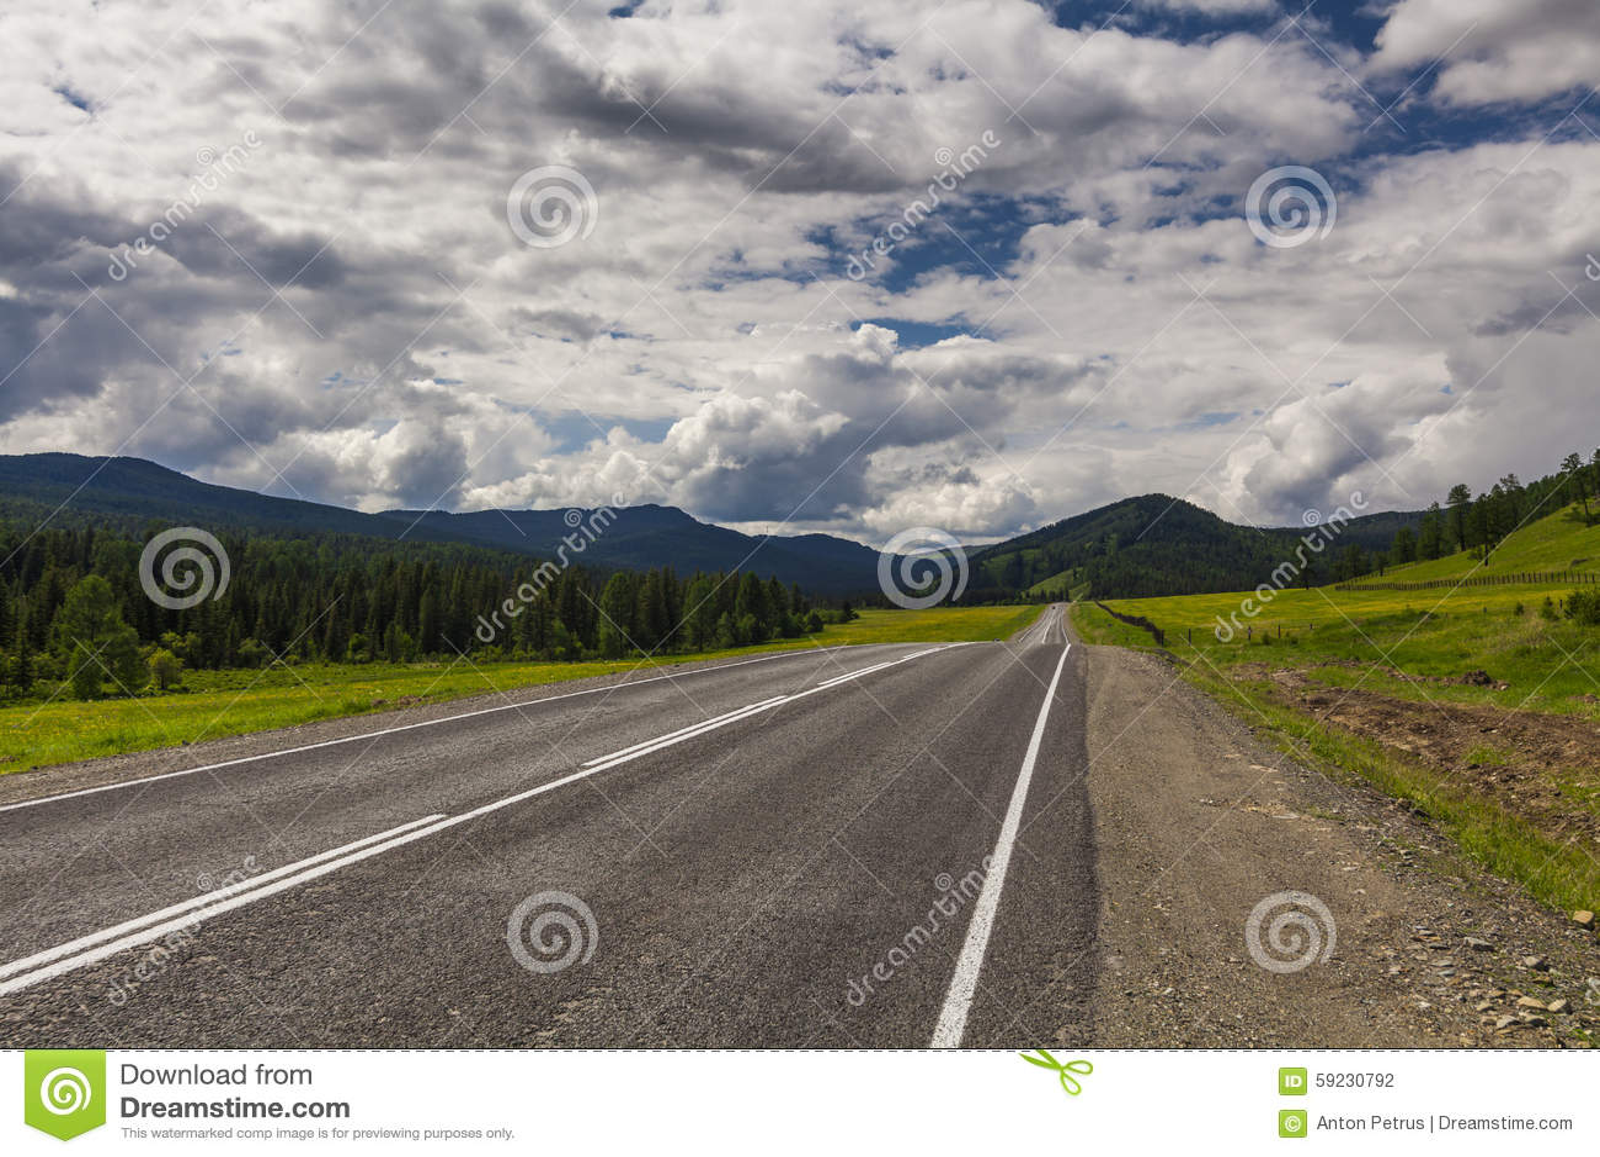 Download Paisaje Y Camino De La Montaña Foto de archivo - Imagen de camino, nubes: 59230792